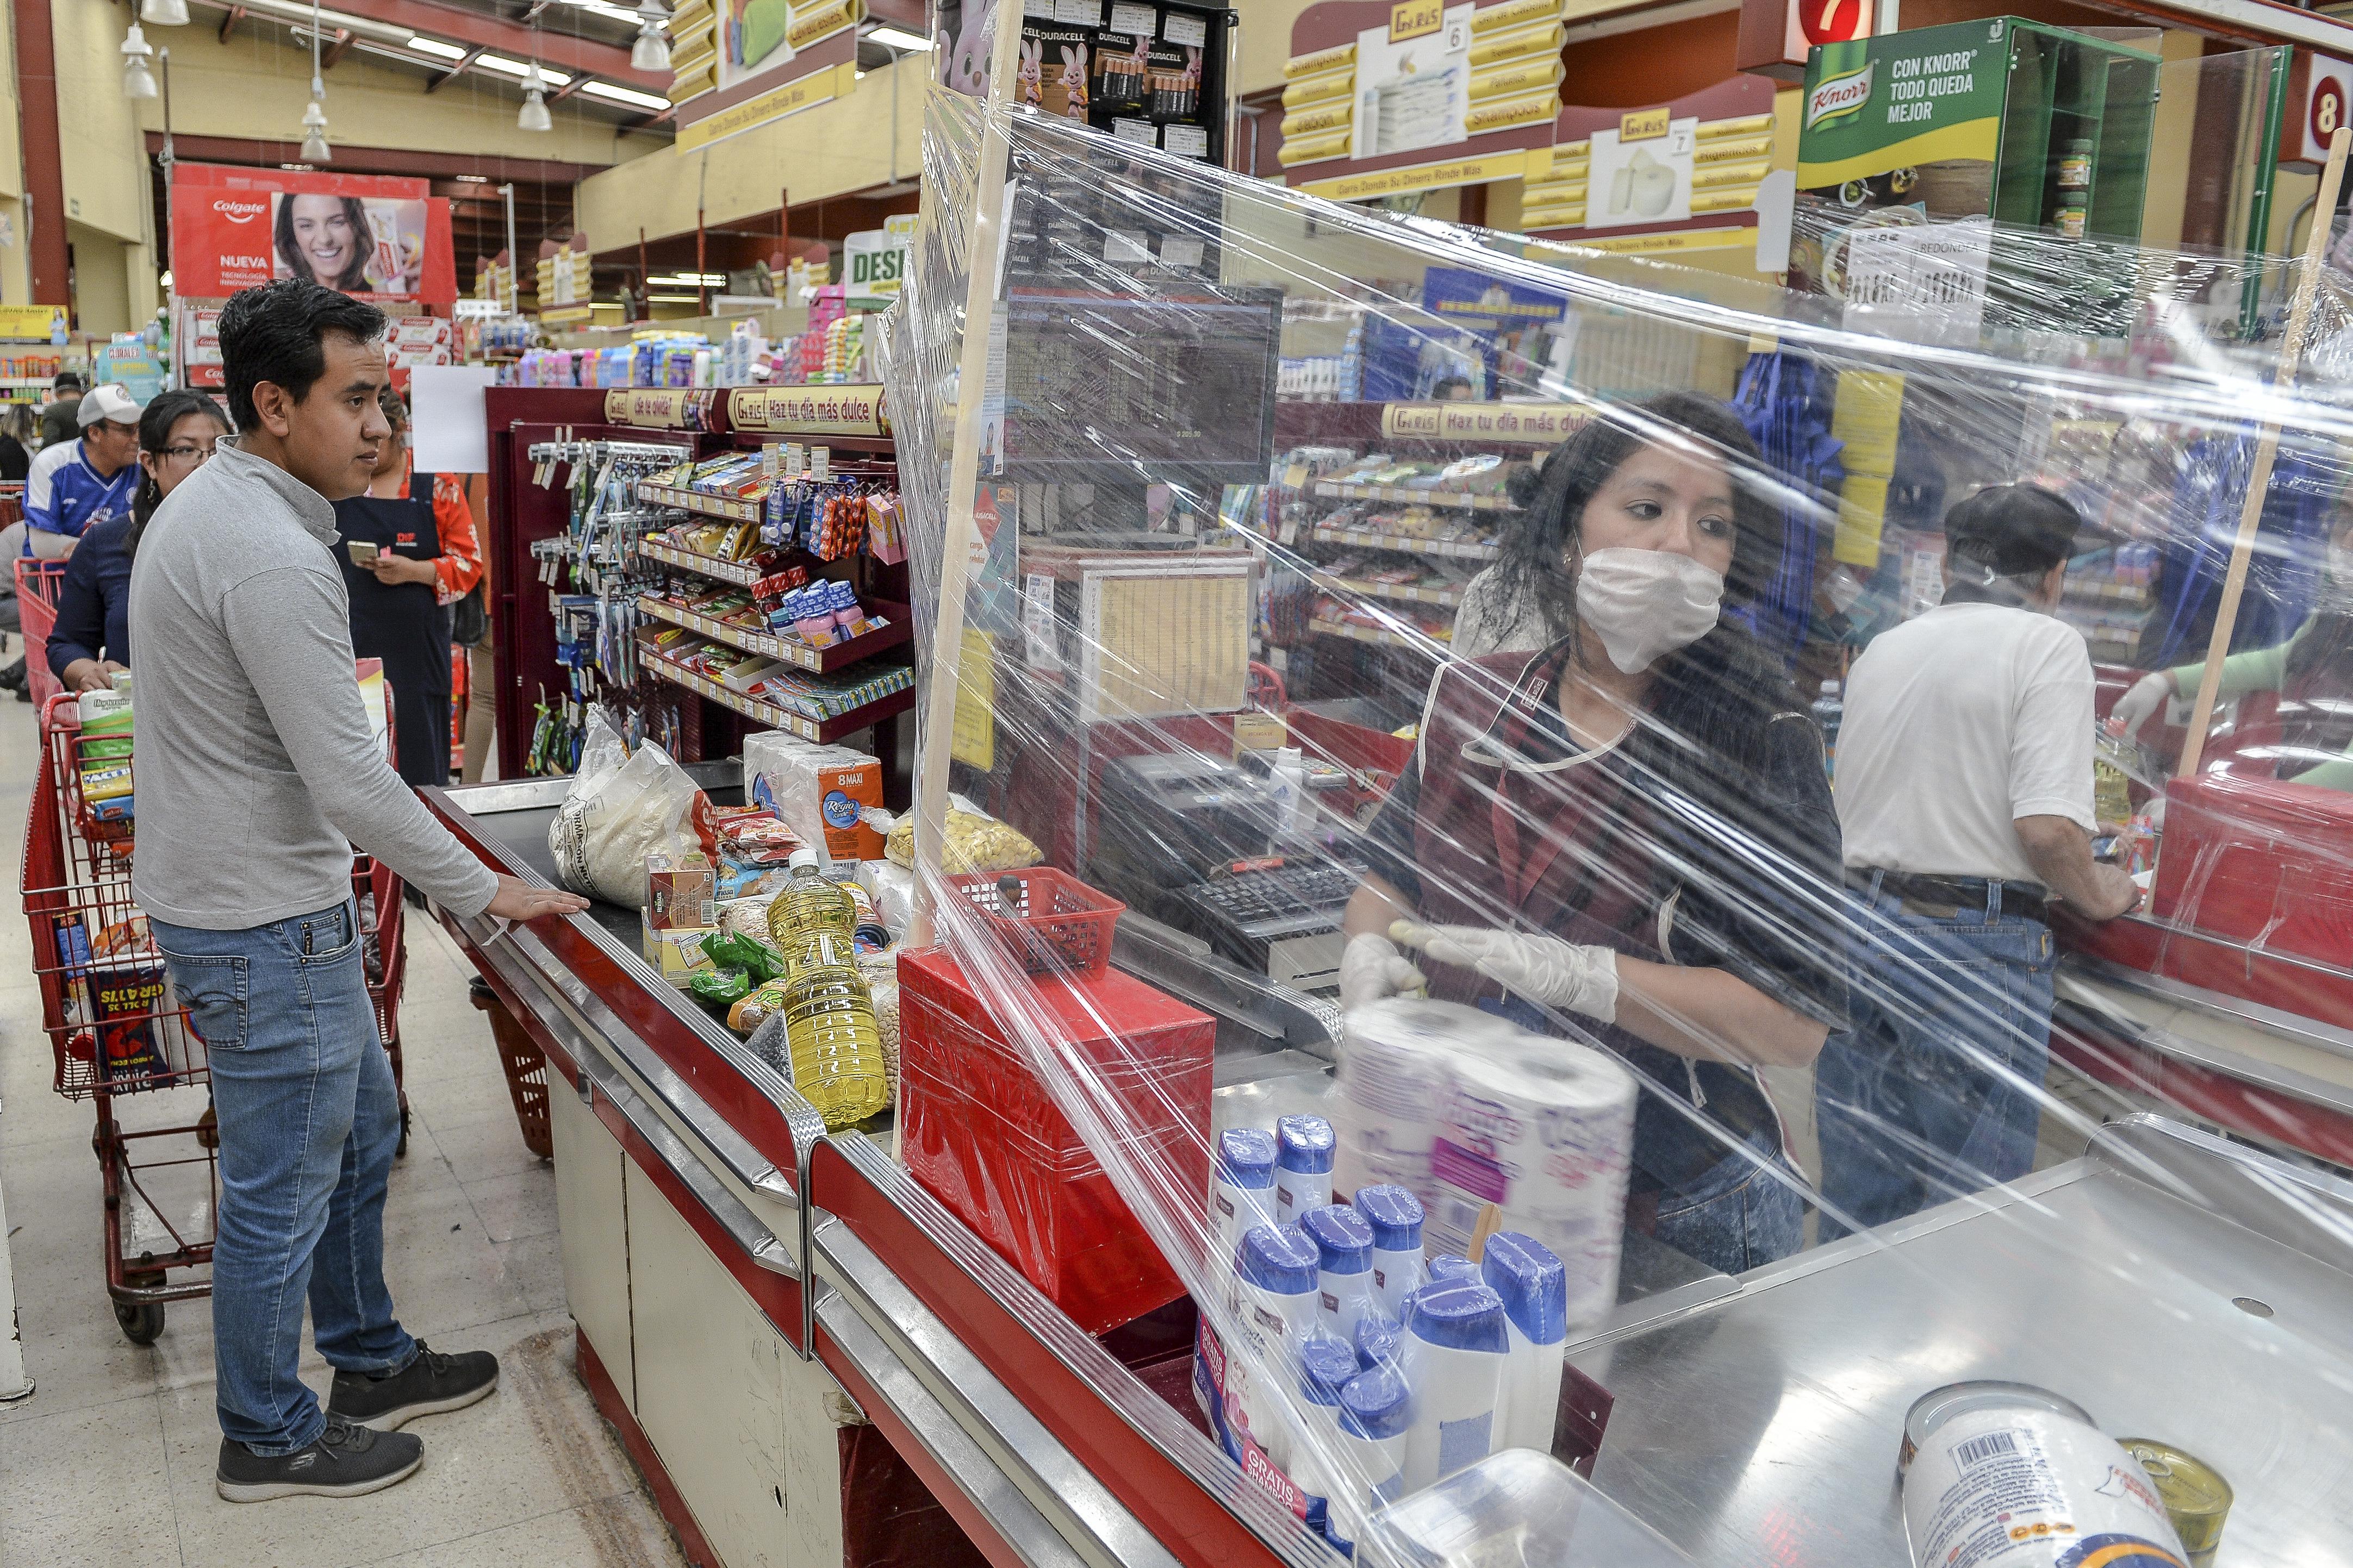 Un cajero detrás de una cortina de plástico improvisada como medida preventiva contra la propagación del nuevo coronavirus, COVID-19, en Toluca, Estado de México, México, el 27 de marzo de 2020.